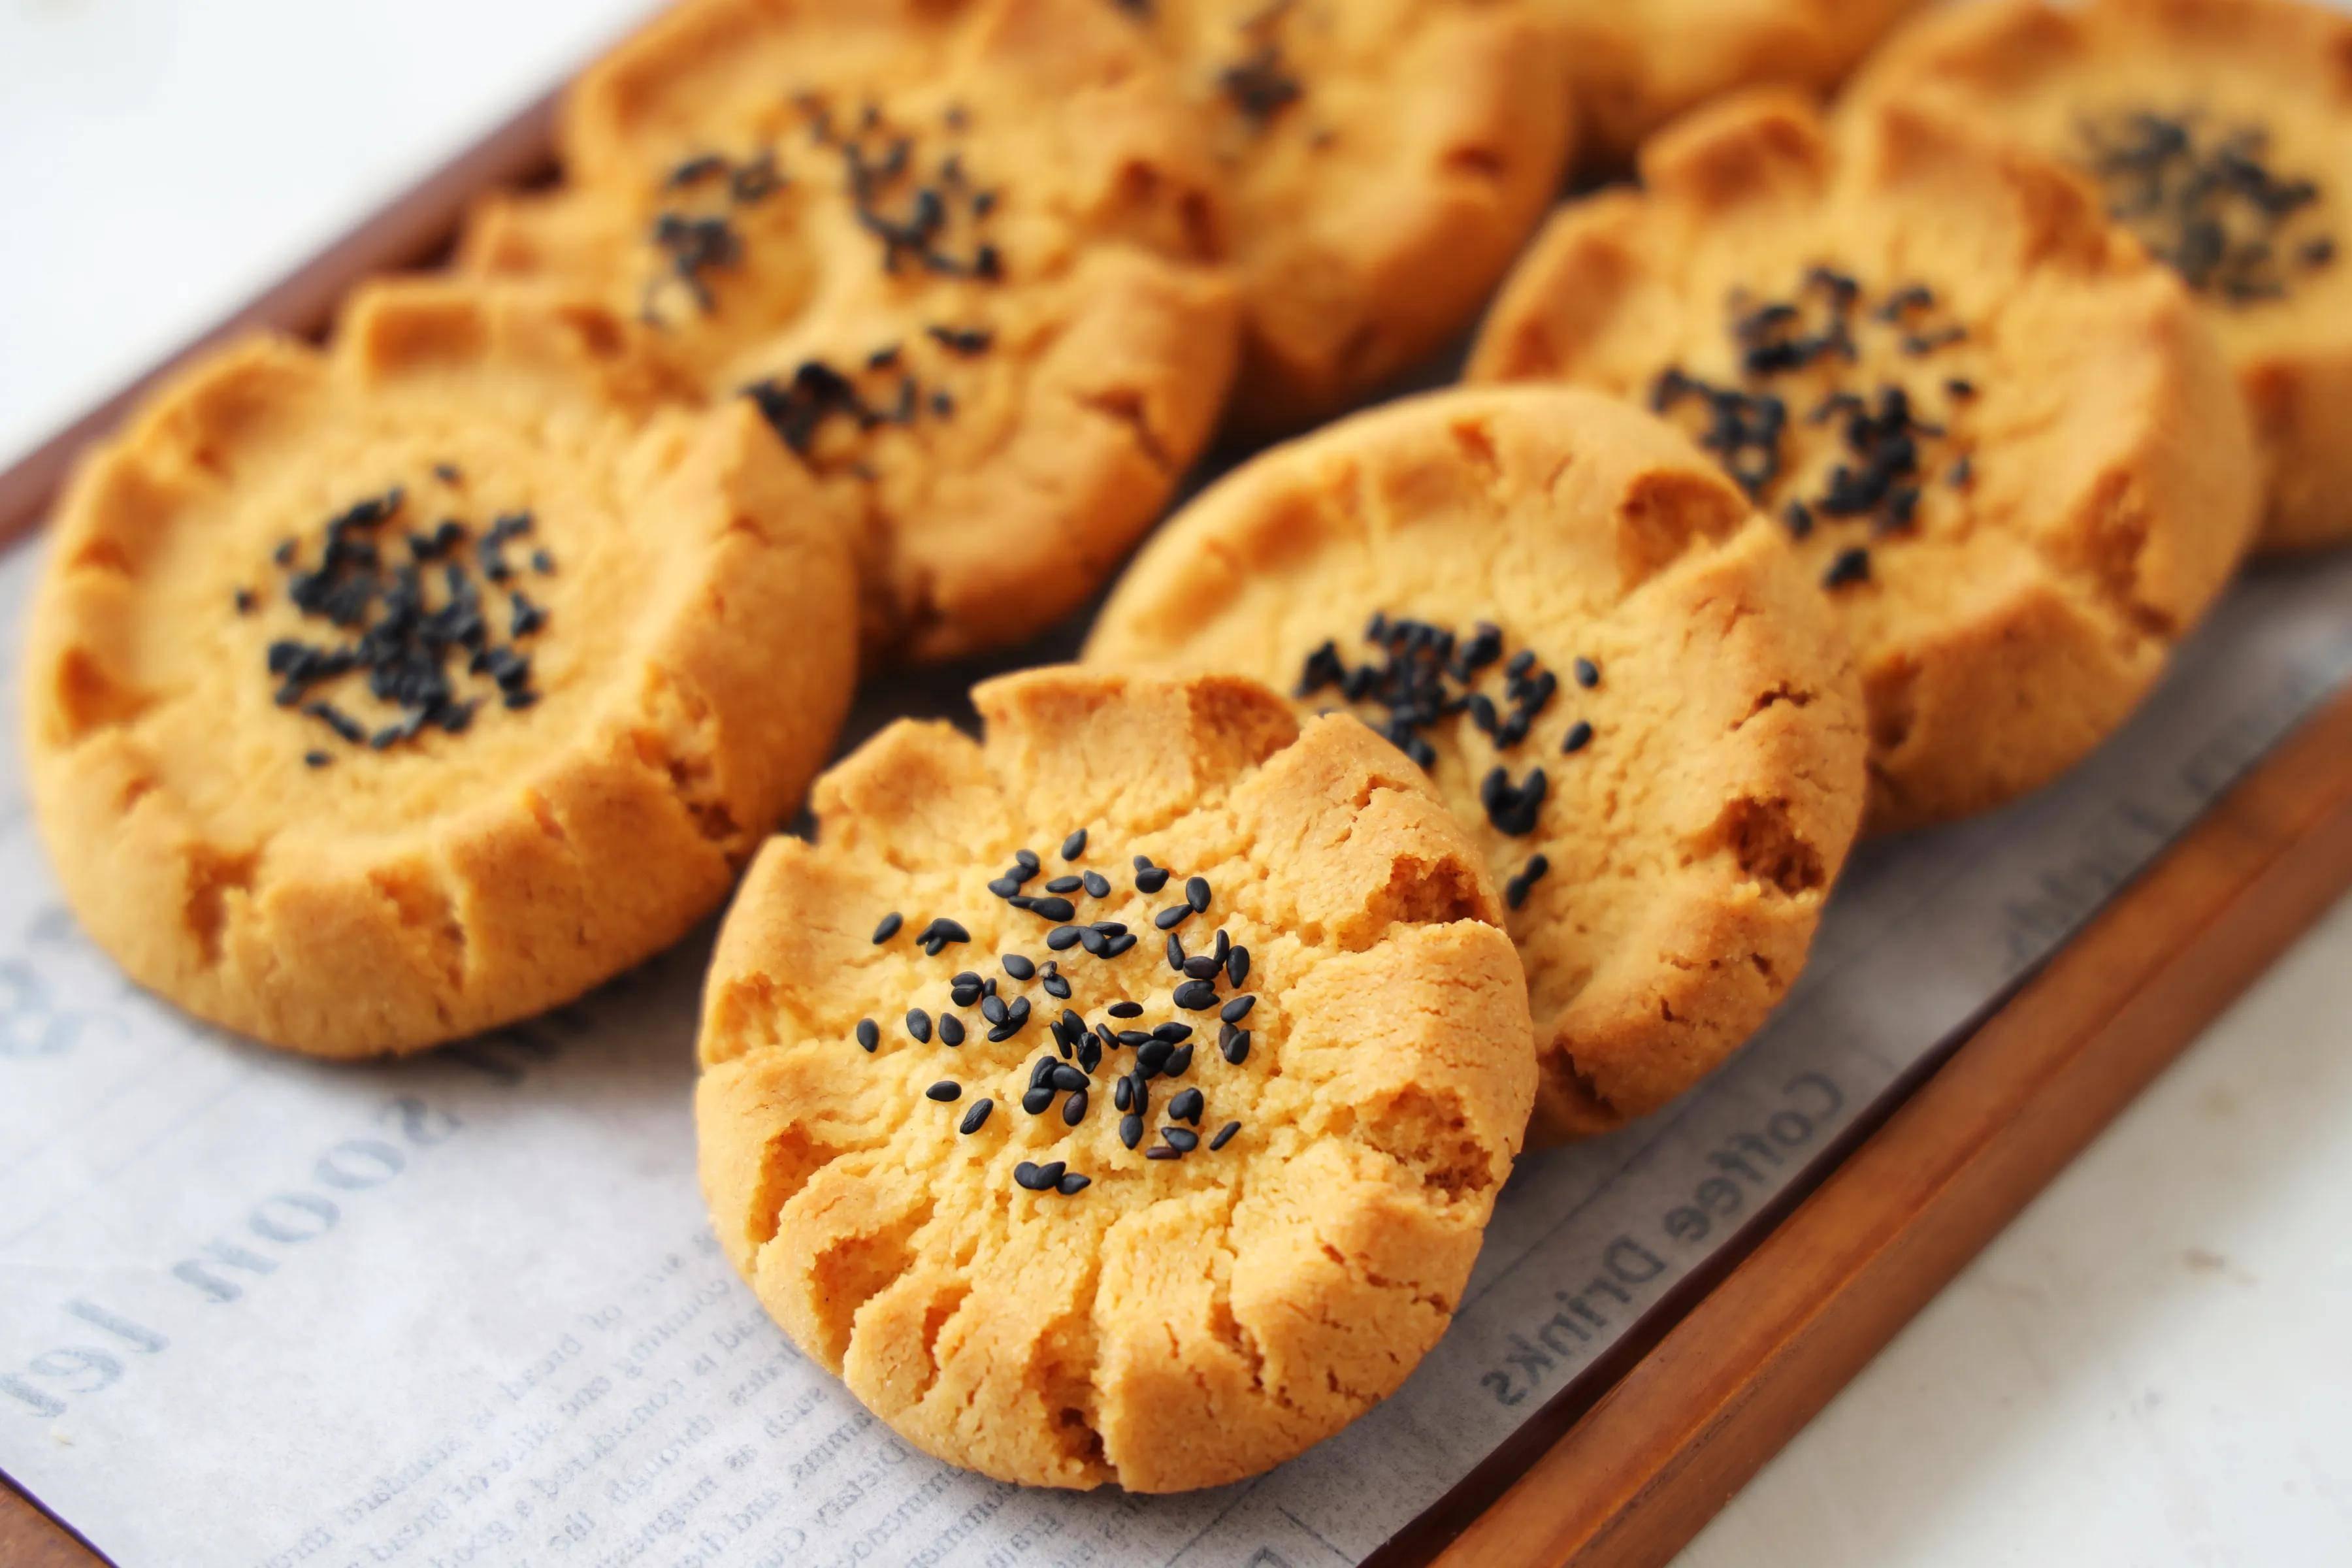 桃酥别再买了,教你正宗的配方,又酥又脆,比买的健康又好吃!